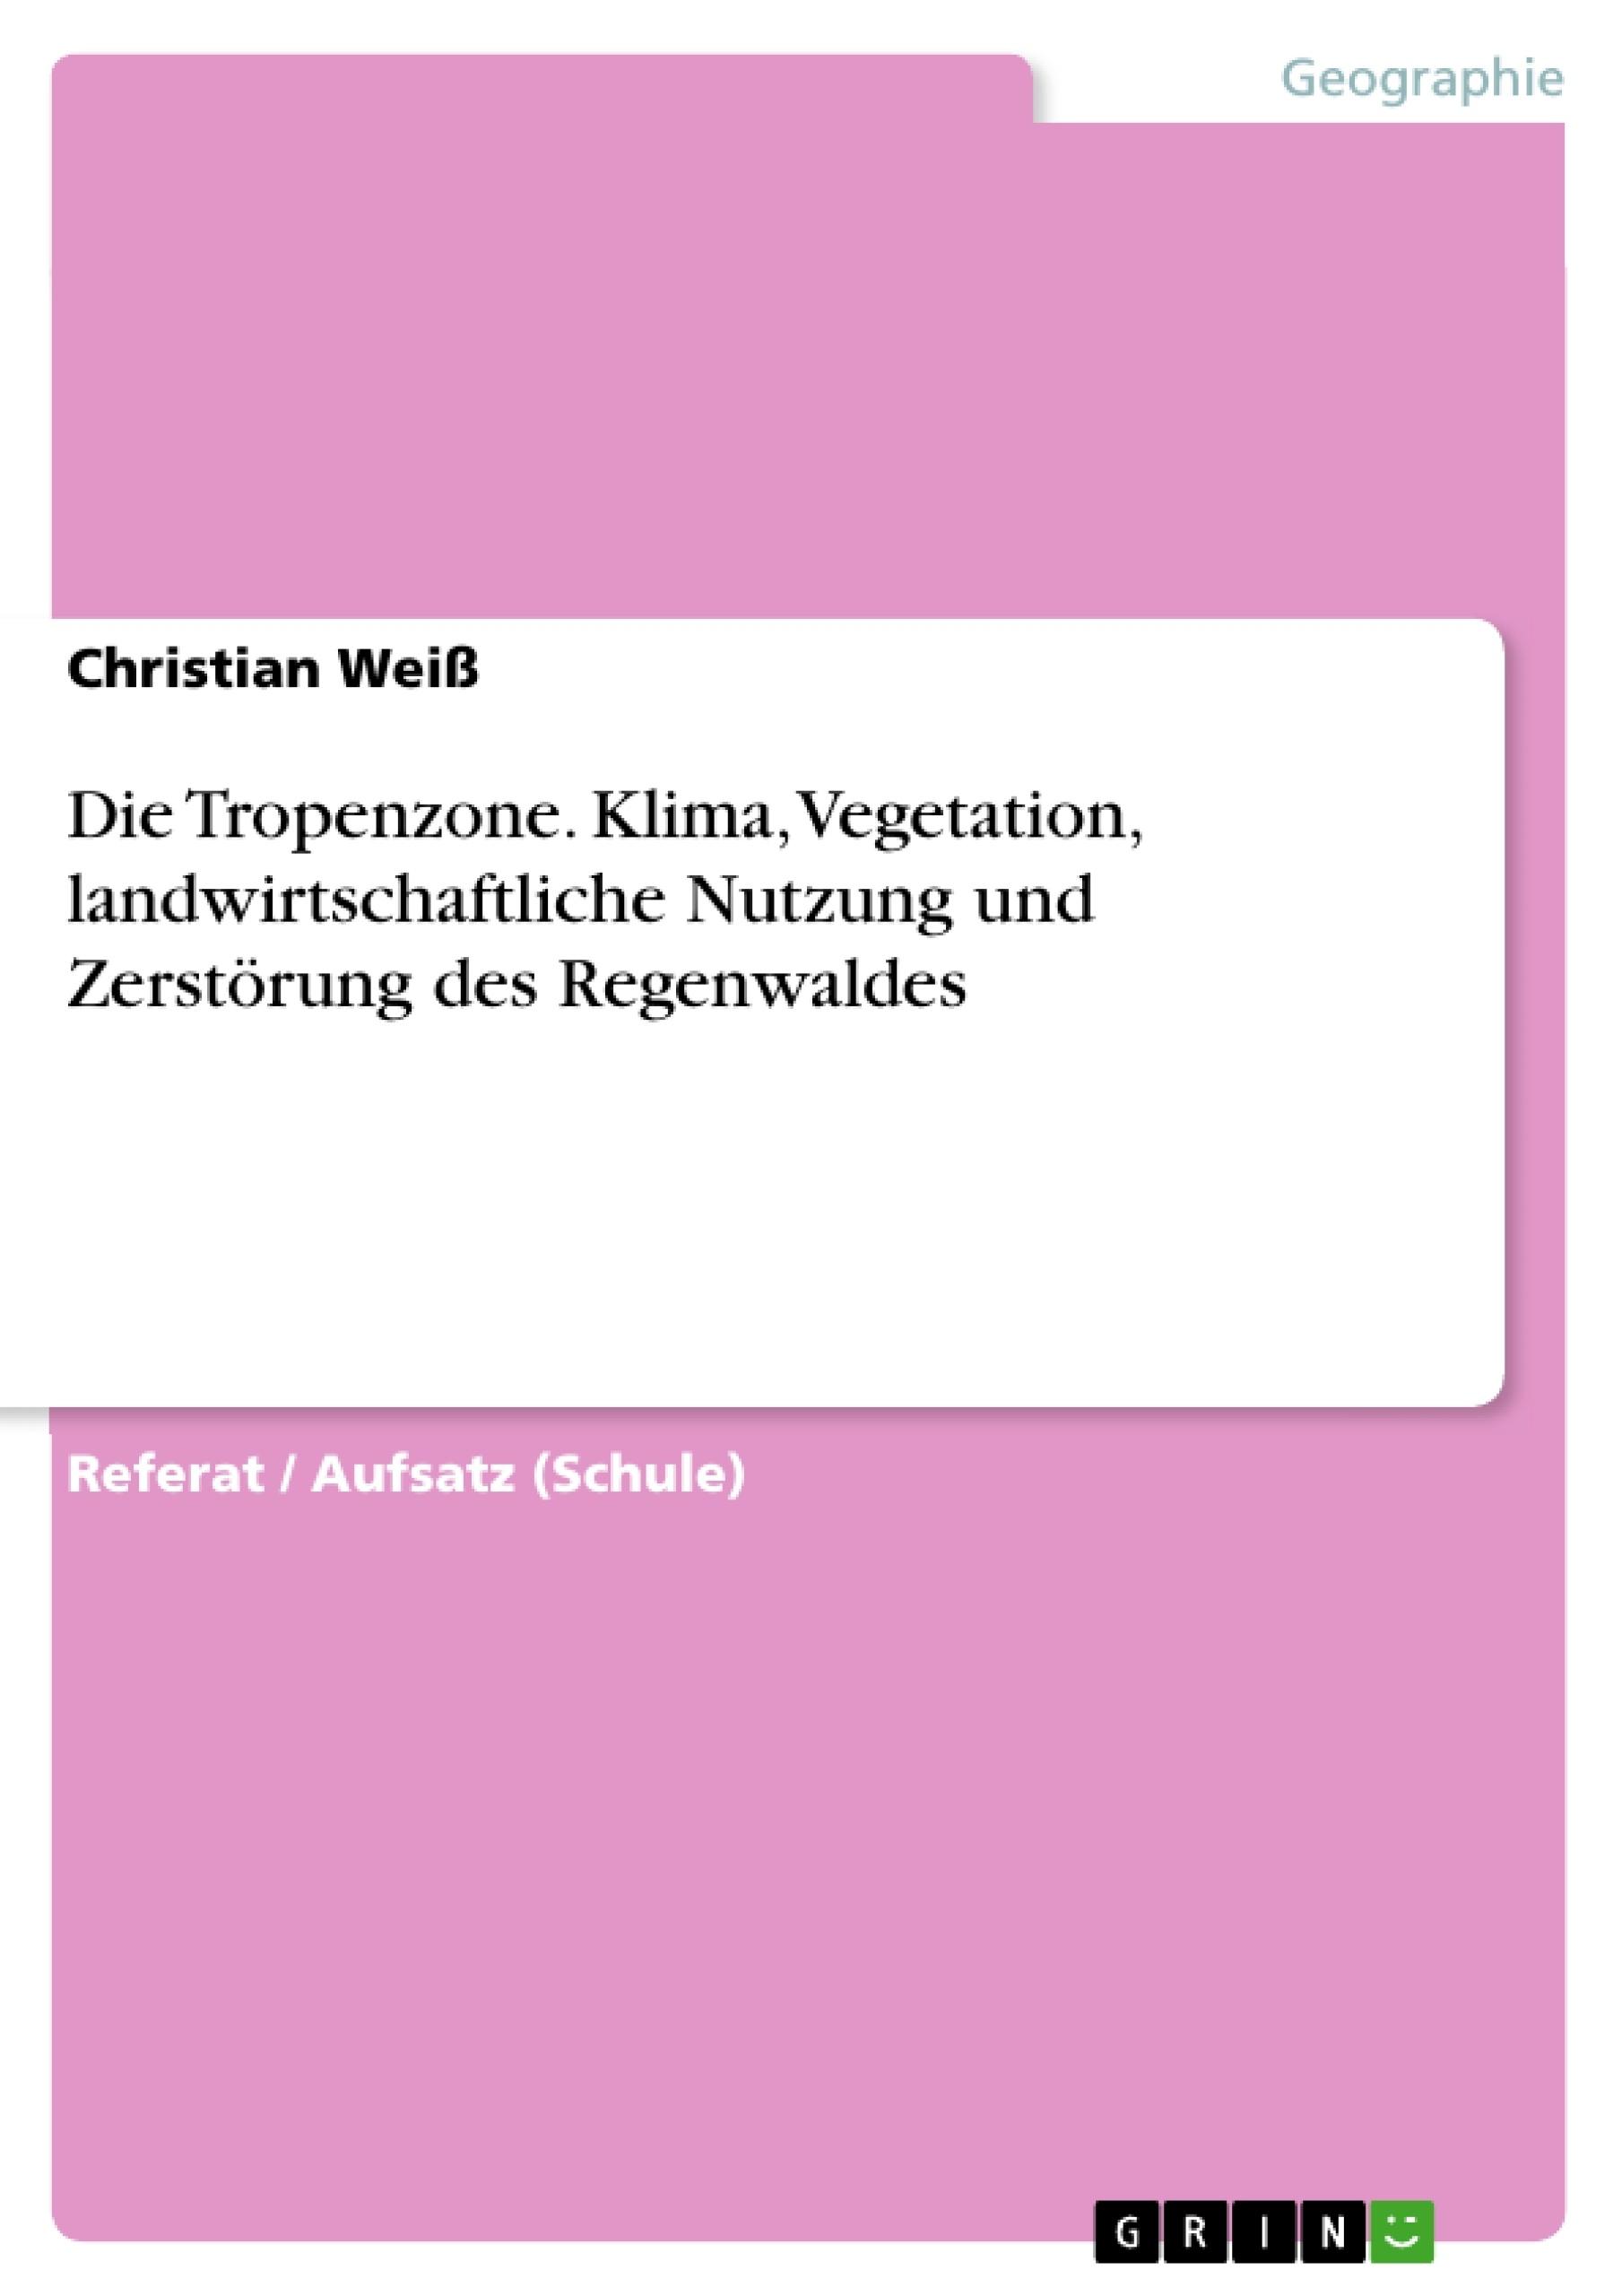 Titel: Die Tropenzone. Klima, Vegetation, landwirtschaftliche Nutzung und Zerstörung des Regenwaldes